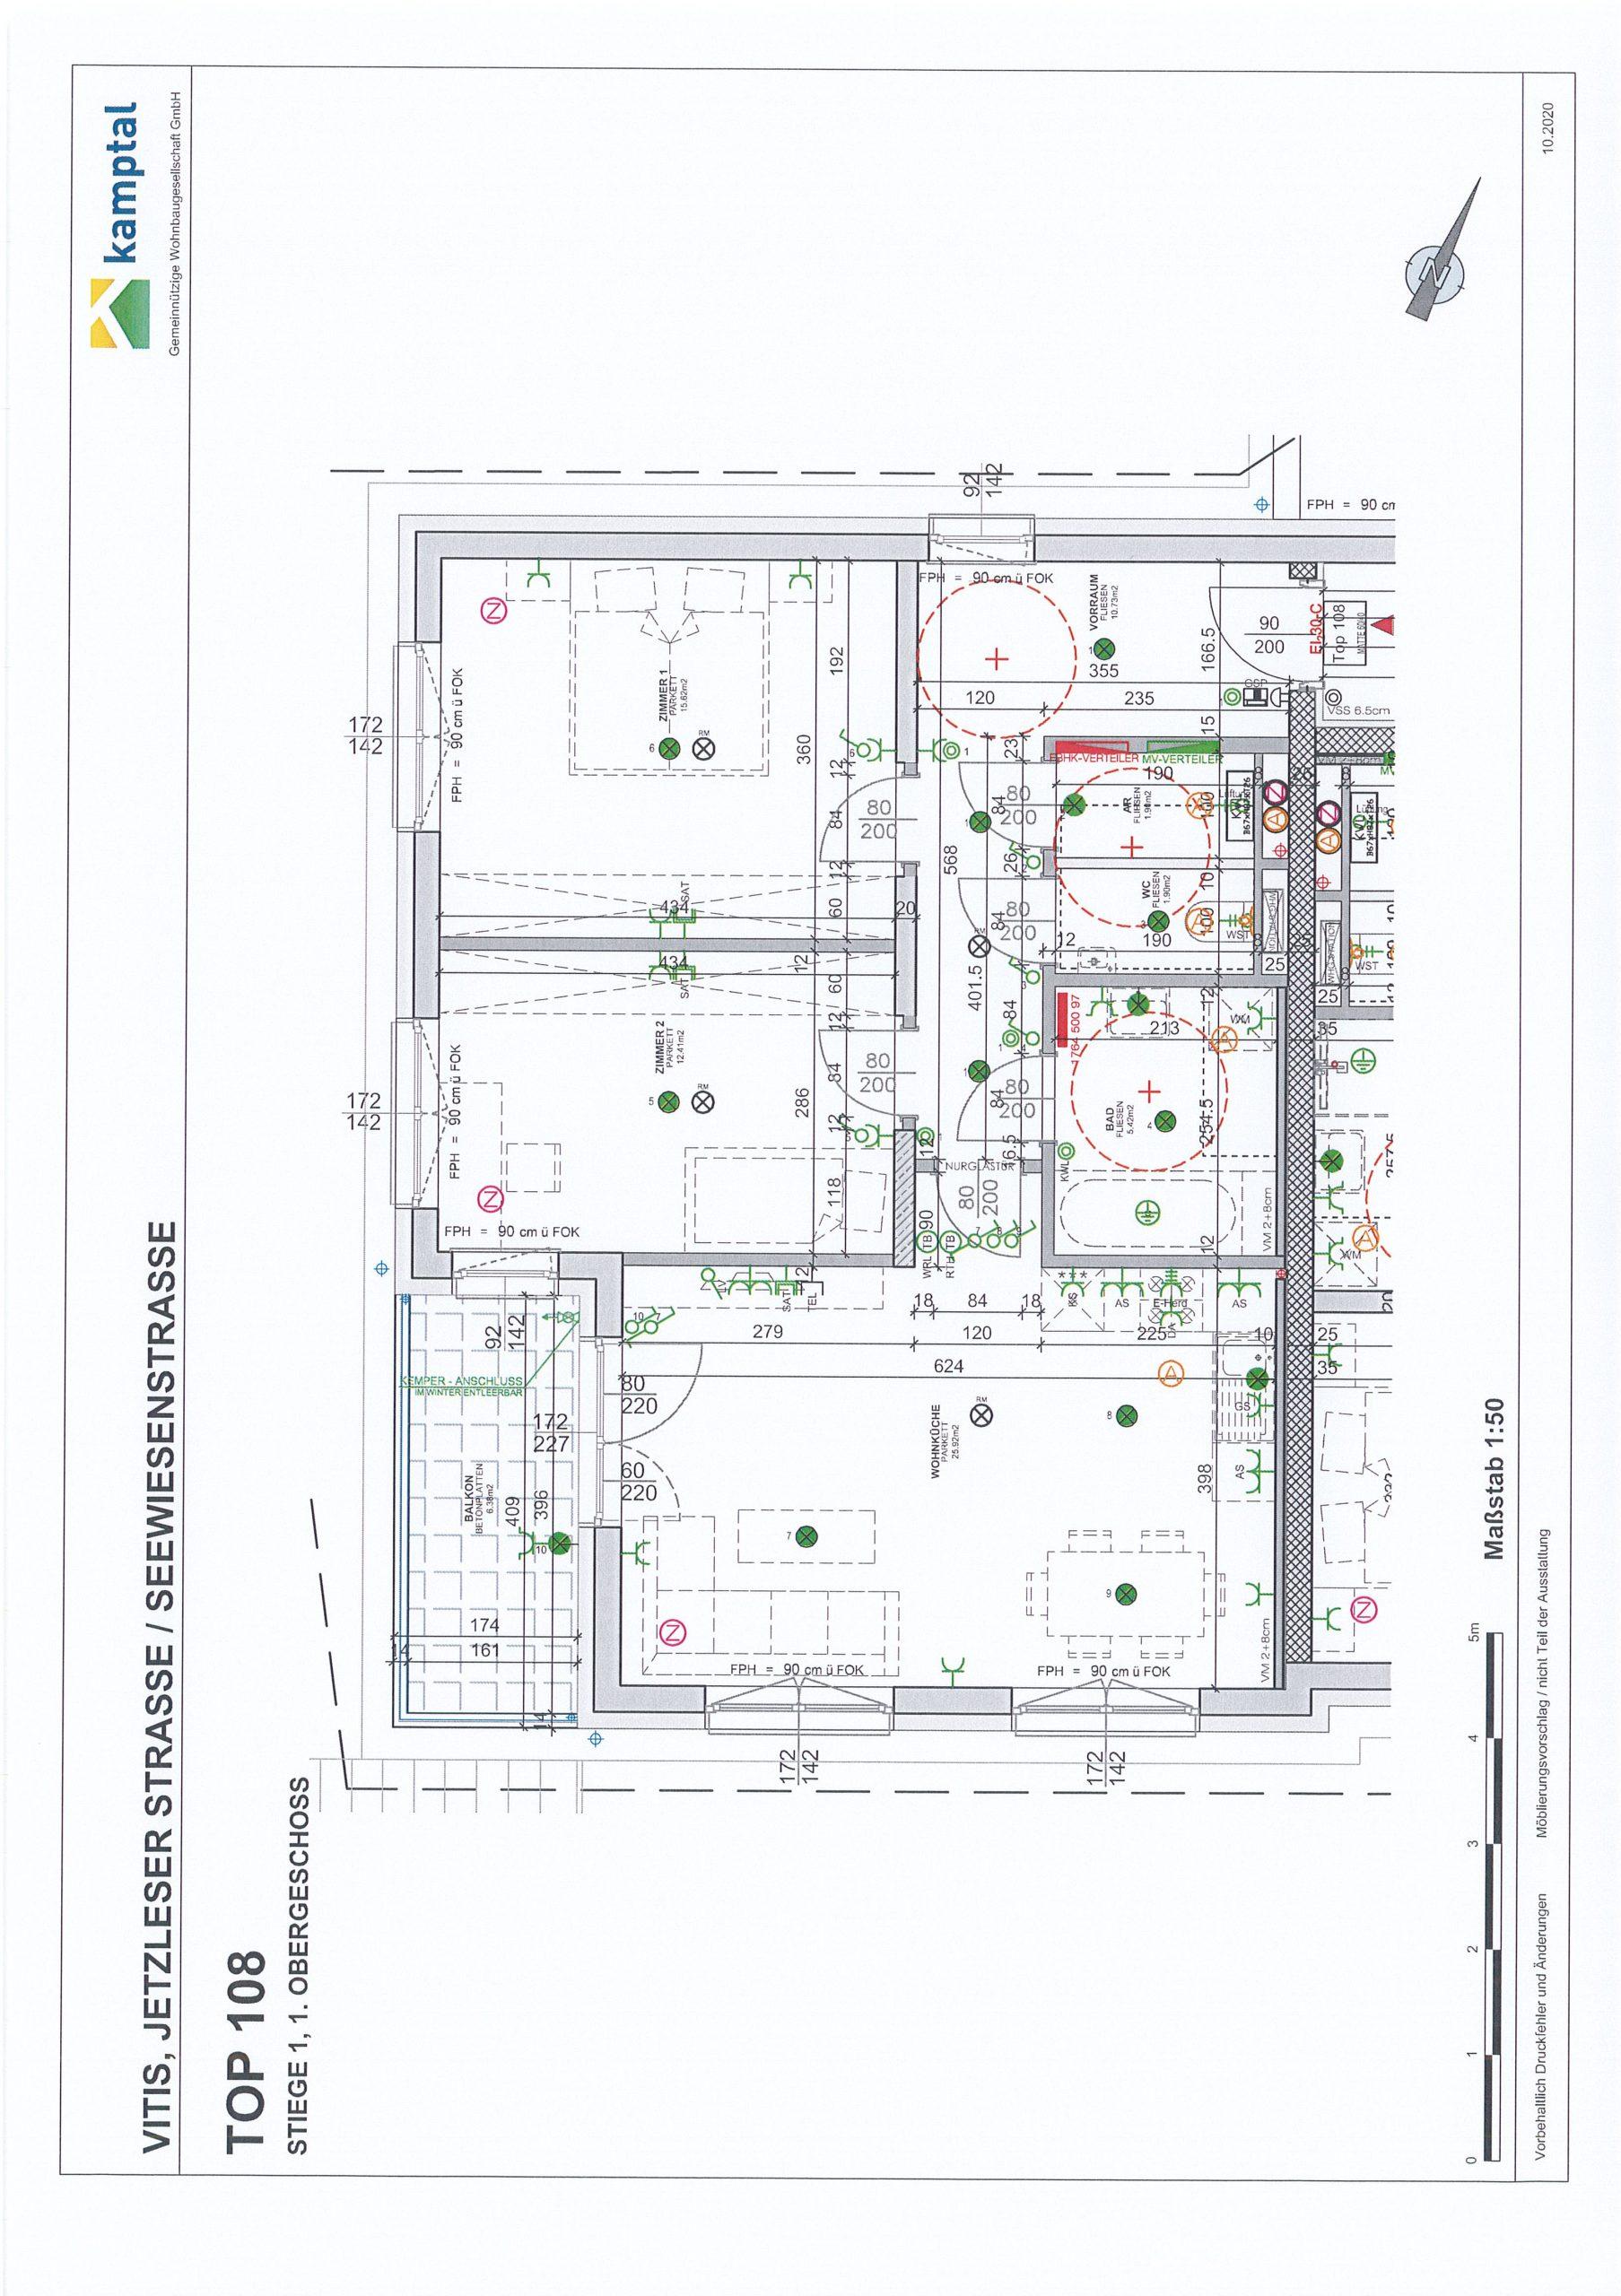 Immobilie von Kamptal in 3902 Vitis, Waidhofen an der Thaya, Vitis I - Top 108 #0